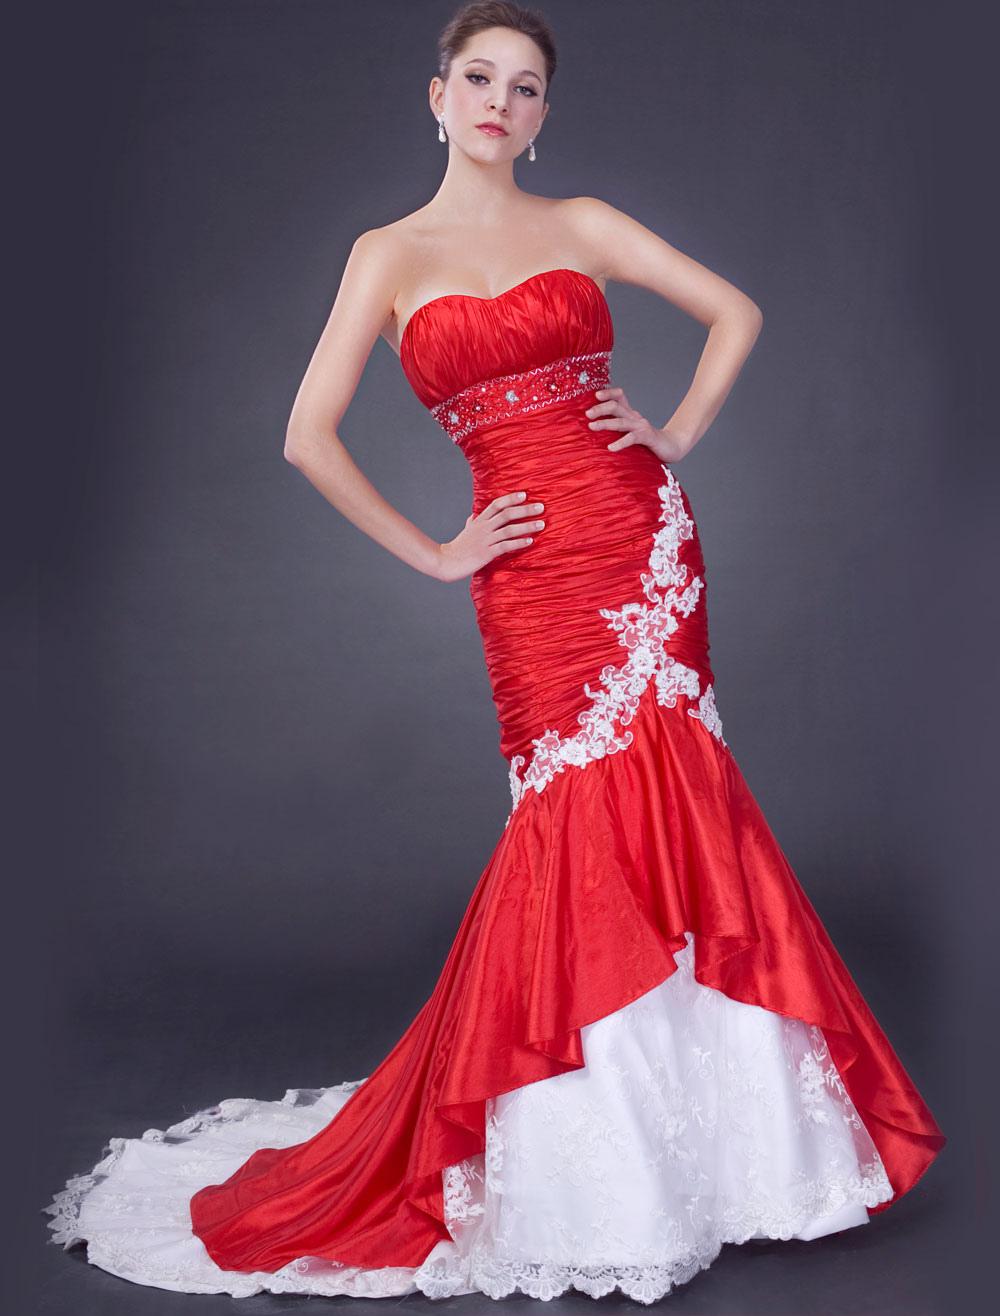 Robes de mariage rouge chérie sirène robe de mariée ruché perles dentelle  appliques robe de mariée africaine , Milanoo.com